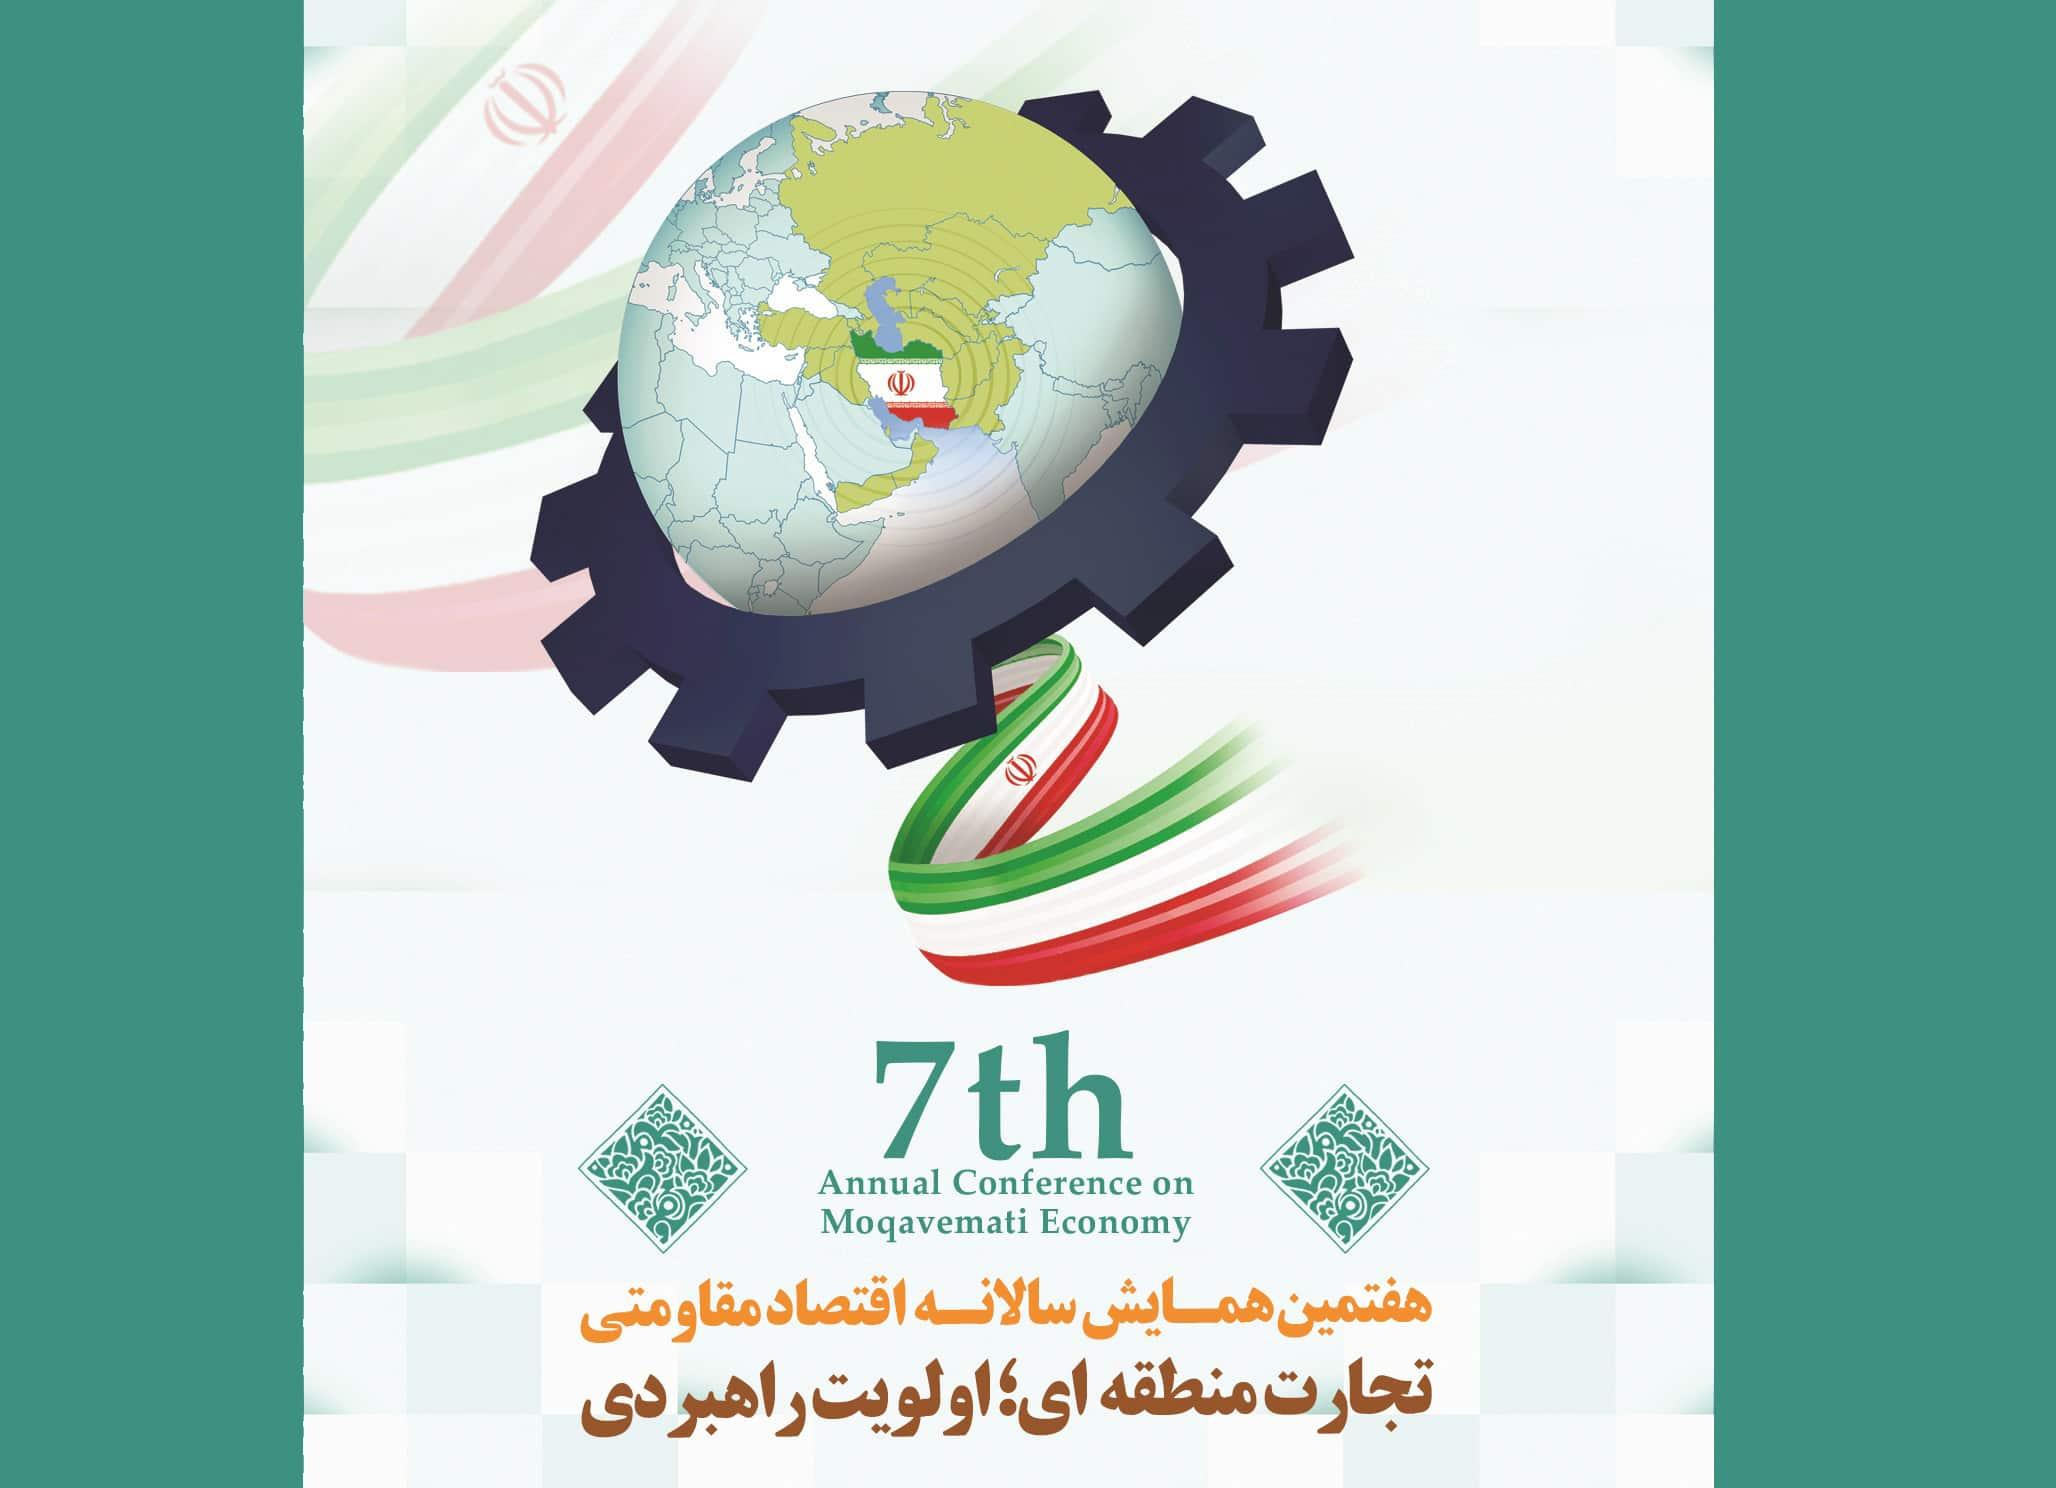 هفتمین همایش سالانه اقتصاد مقاومتی تجارت منطقهای اولویت راهبردی